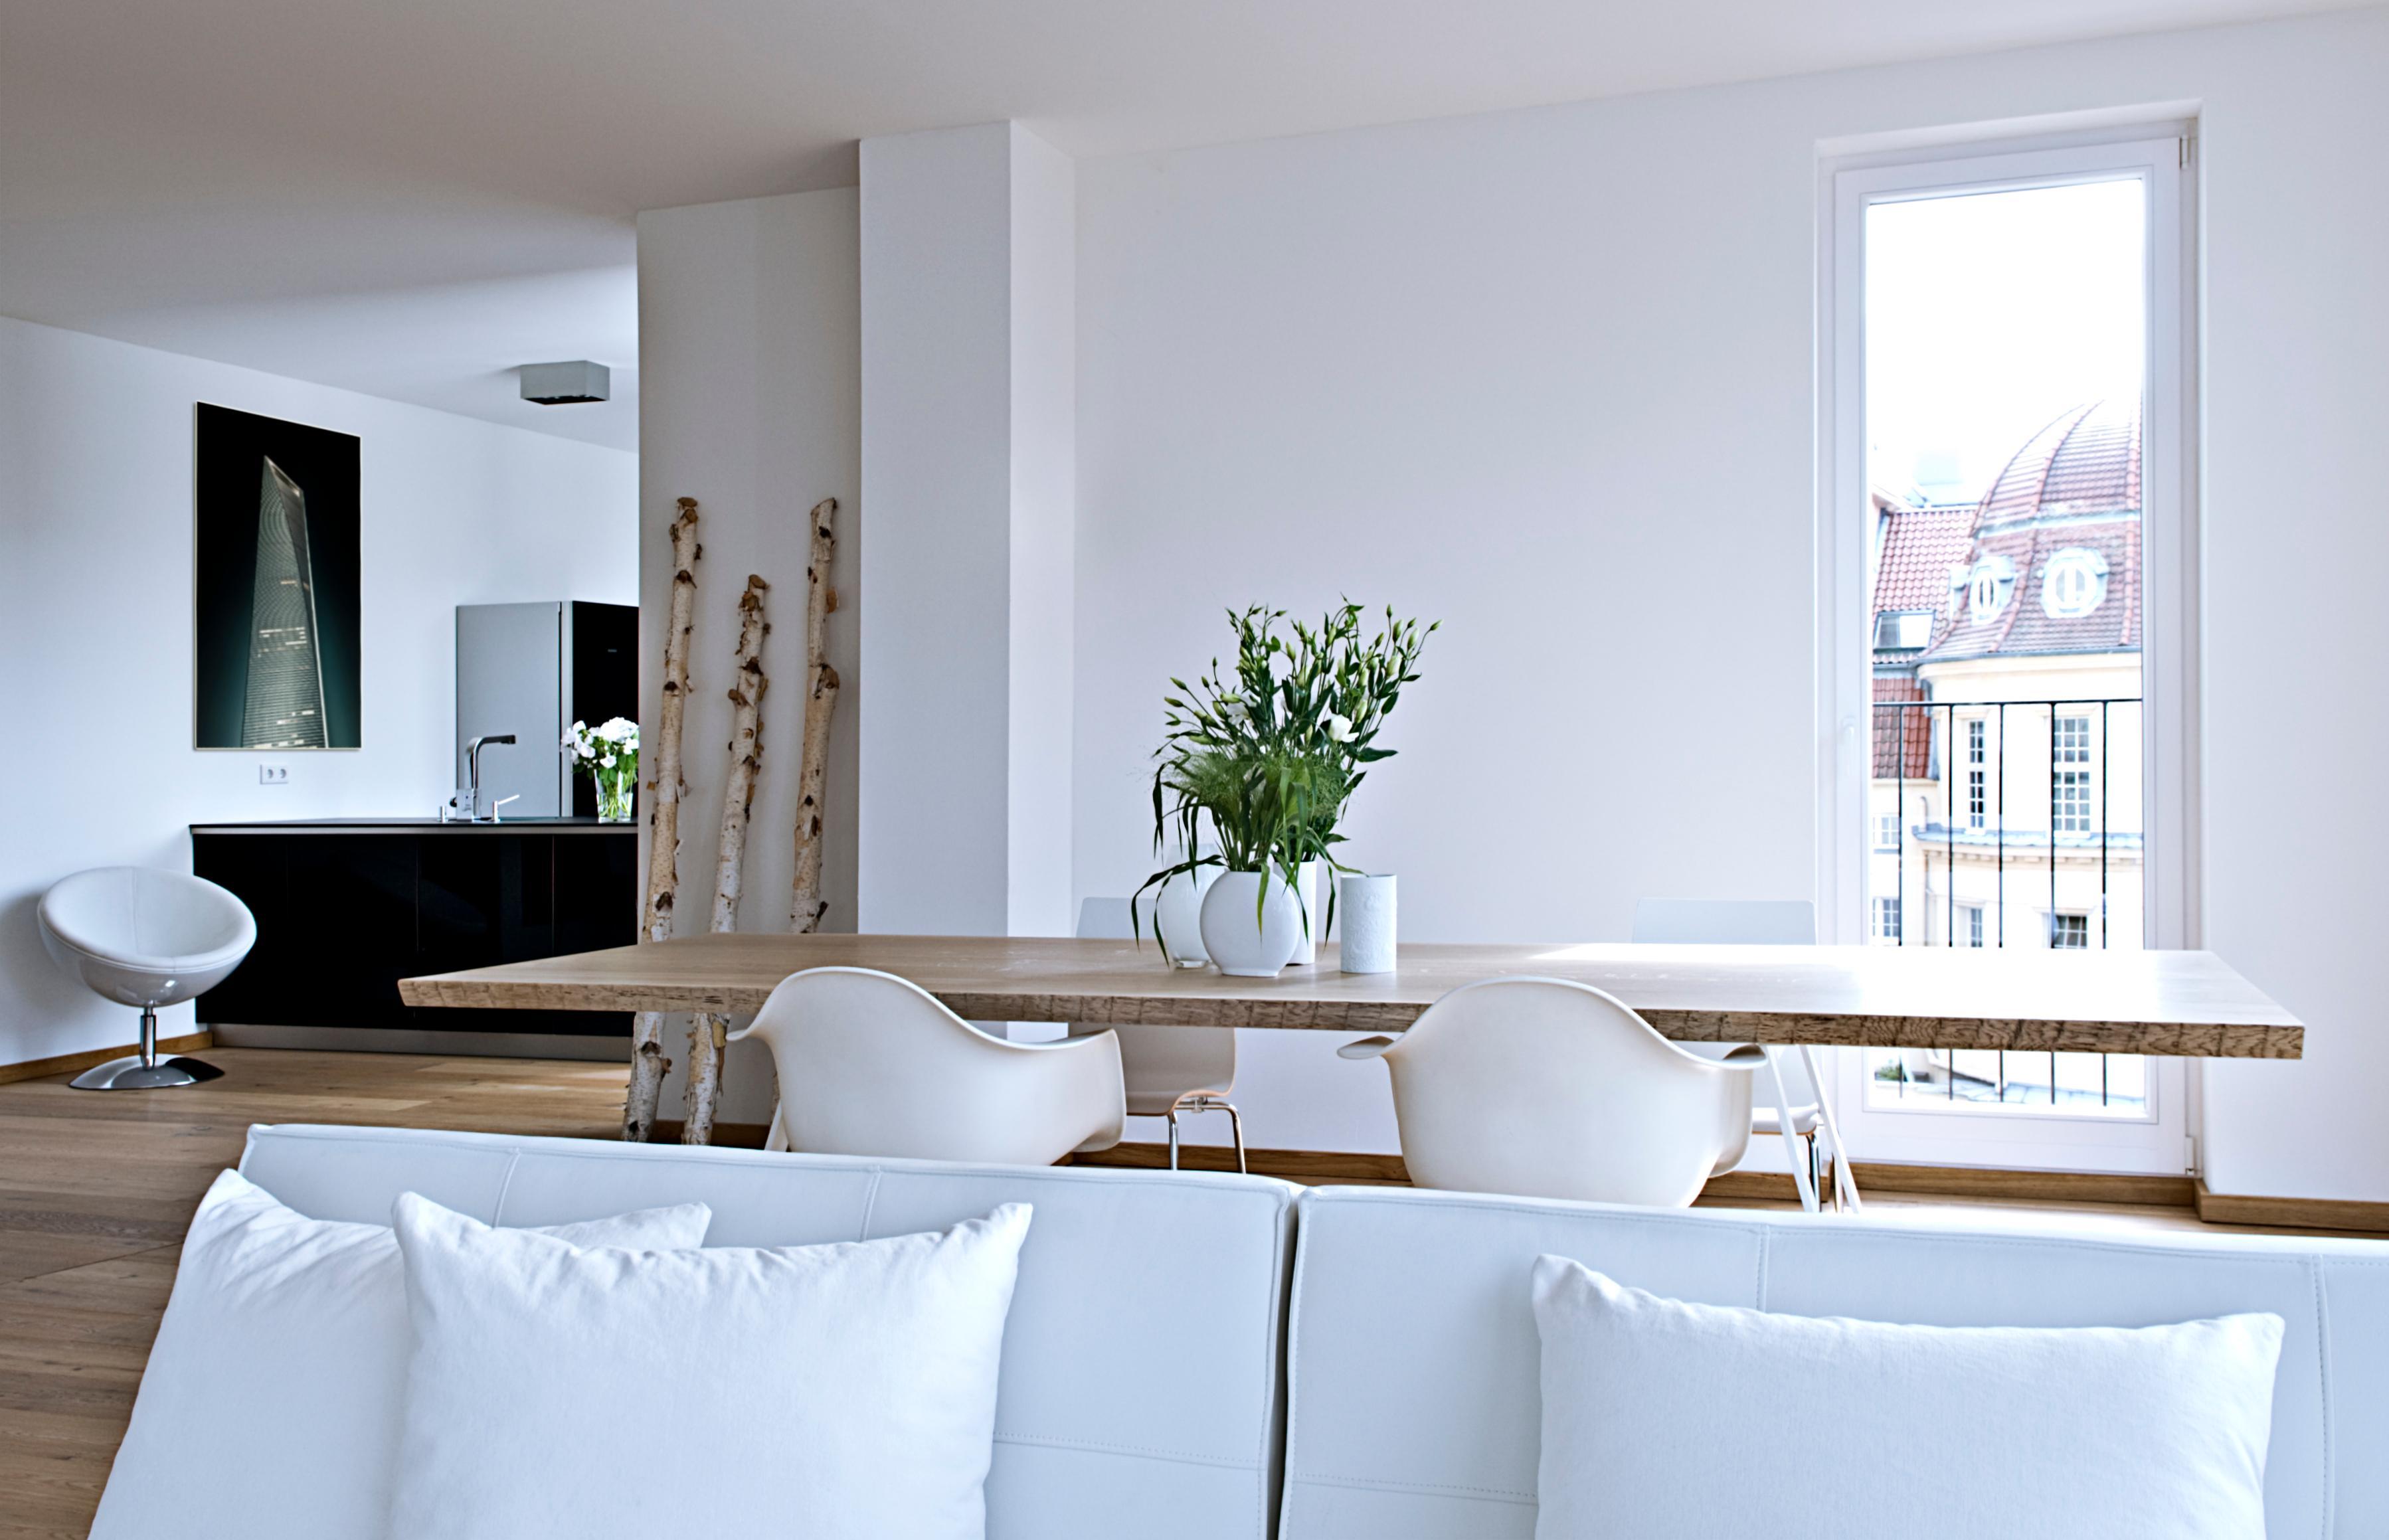 Schwarze Küche Als Kontrast Zum Weißen Interieur #esstisch ©Michael  Pfeiffer Fotografie